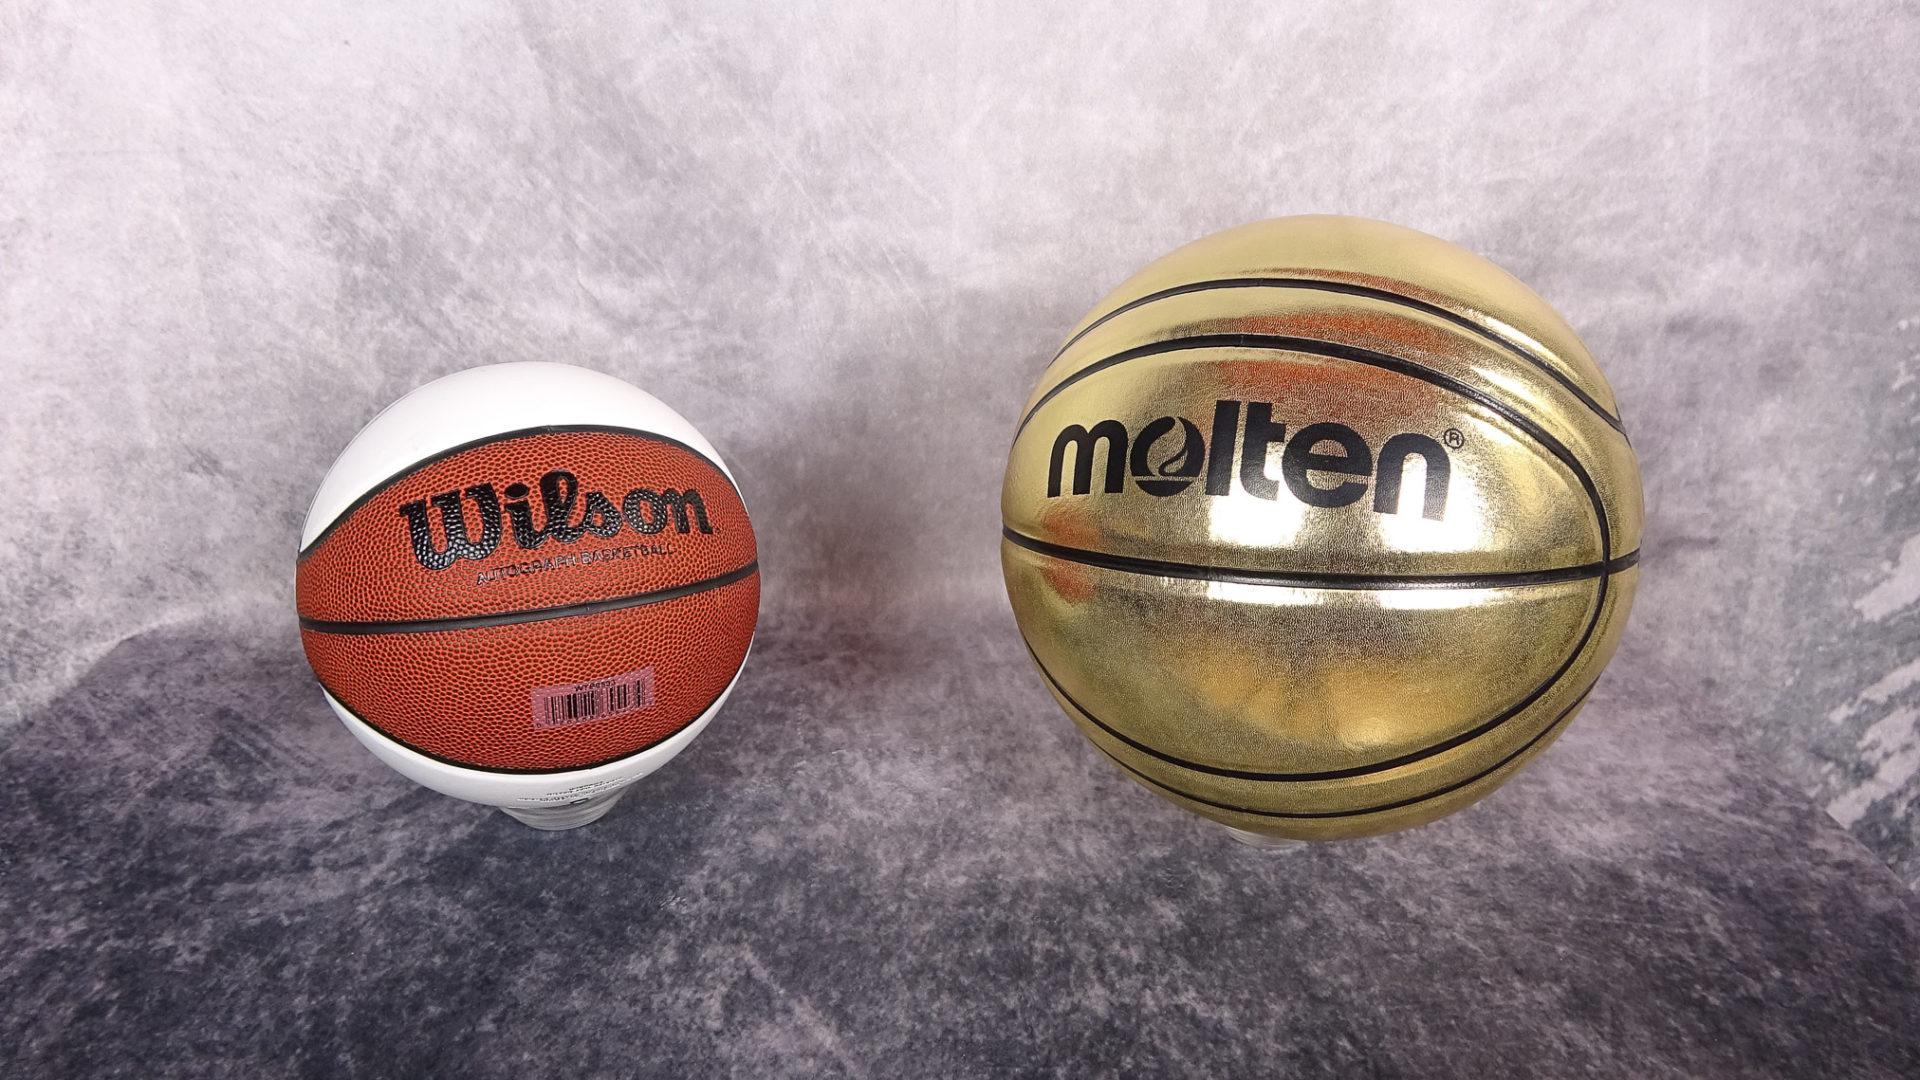 100 ideas para regalos originales de baloncesto y mucho más